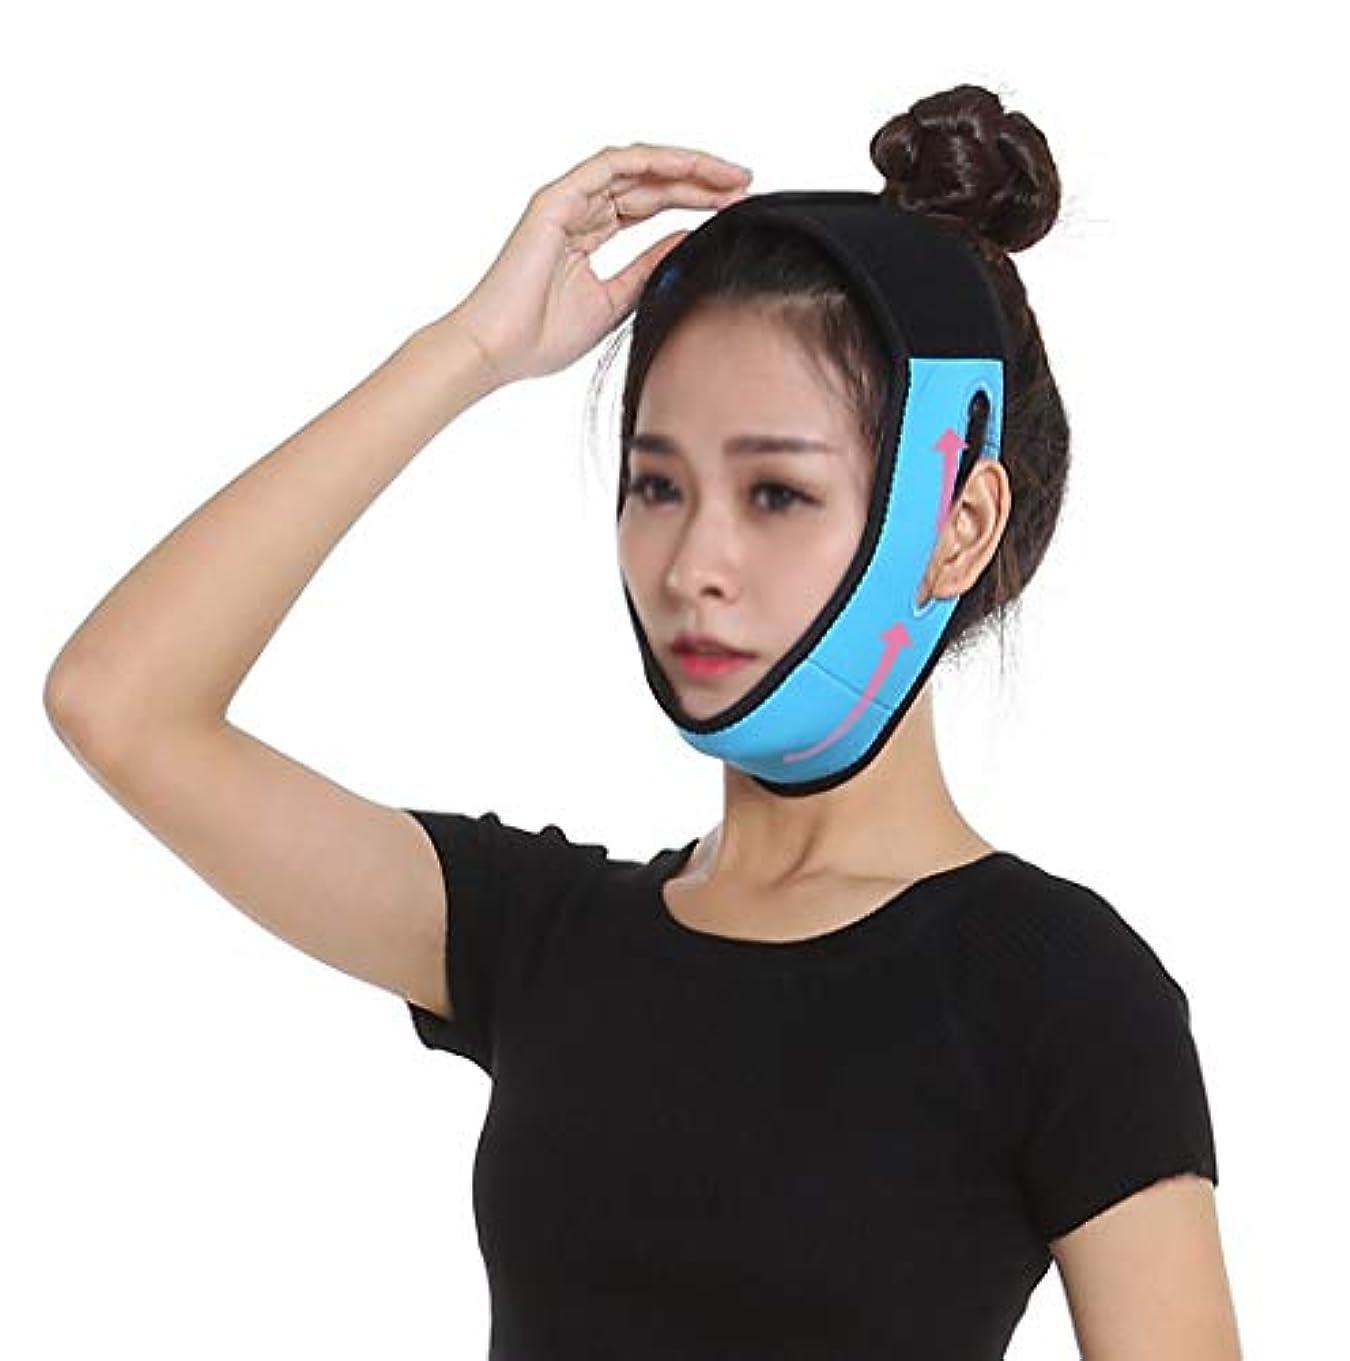 項目ペルソナ窒素GLJJQMY 痩身ベルトマスクVフェイシャルアーティファクトマッサージマスクあごの筋肉の収縮を強化し、簡単にV面タイトブルータイト包帯を形作る 顔用整形マスク